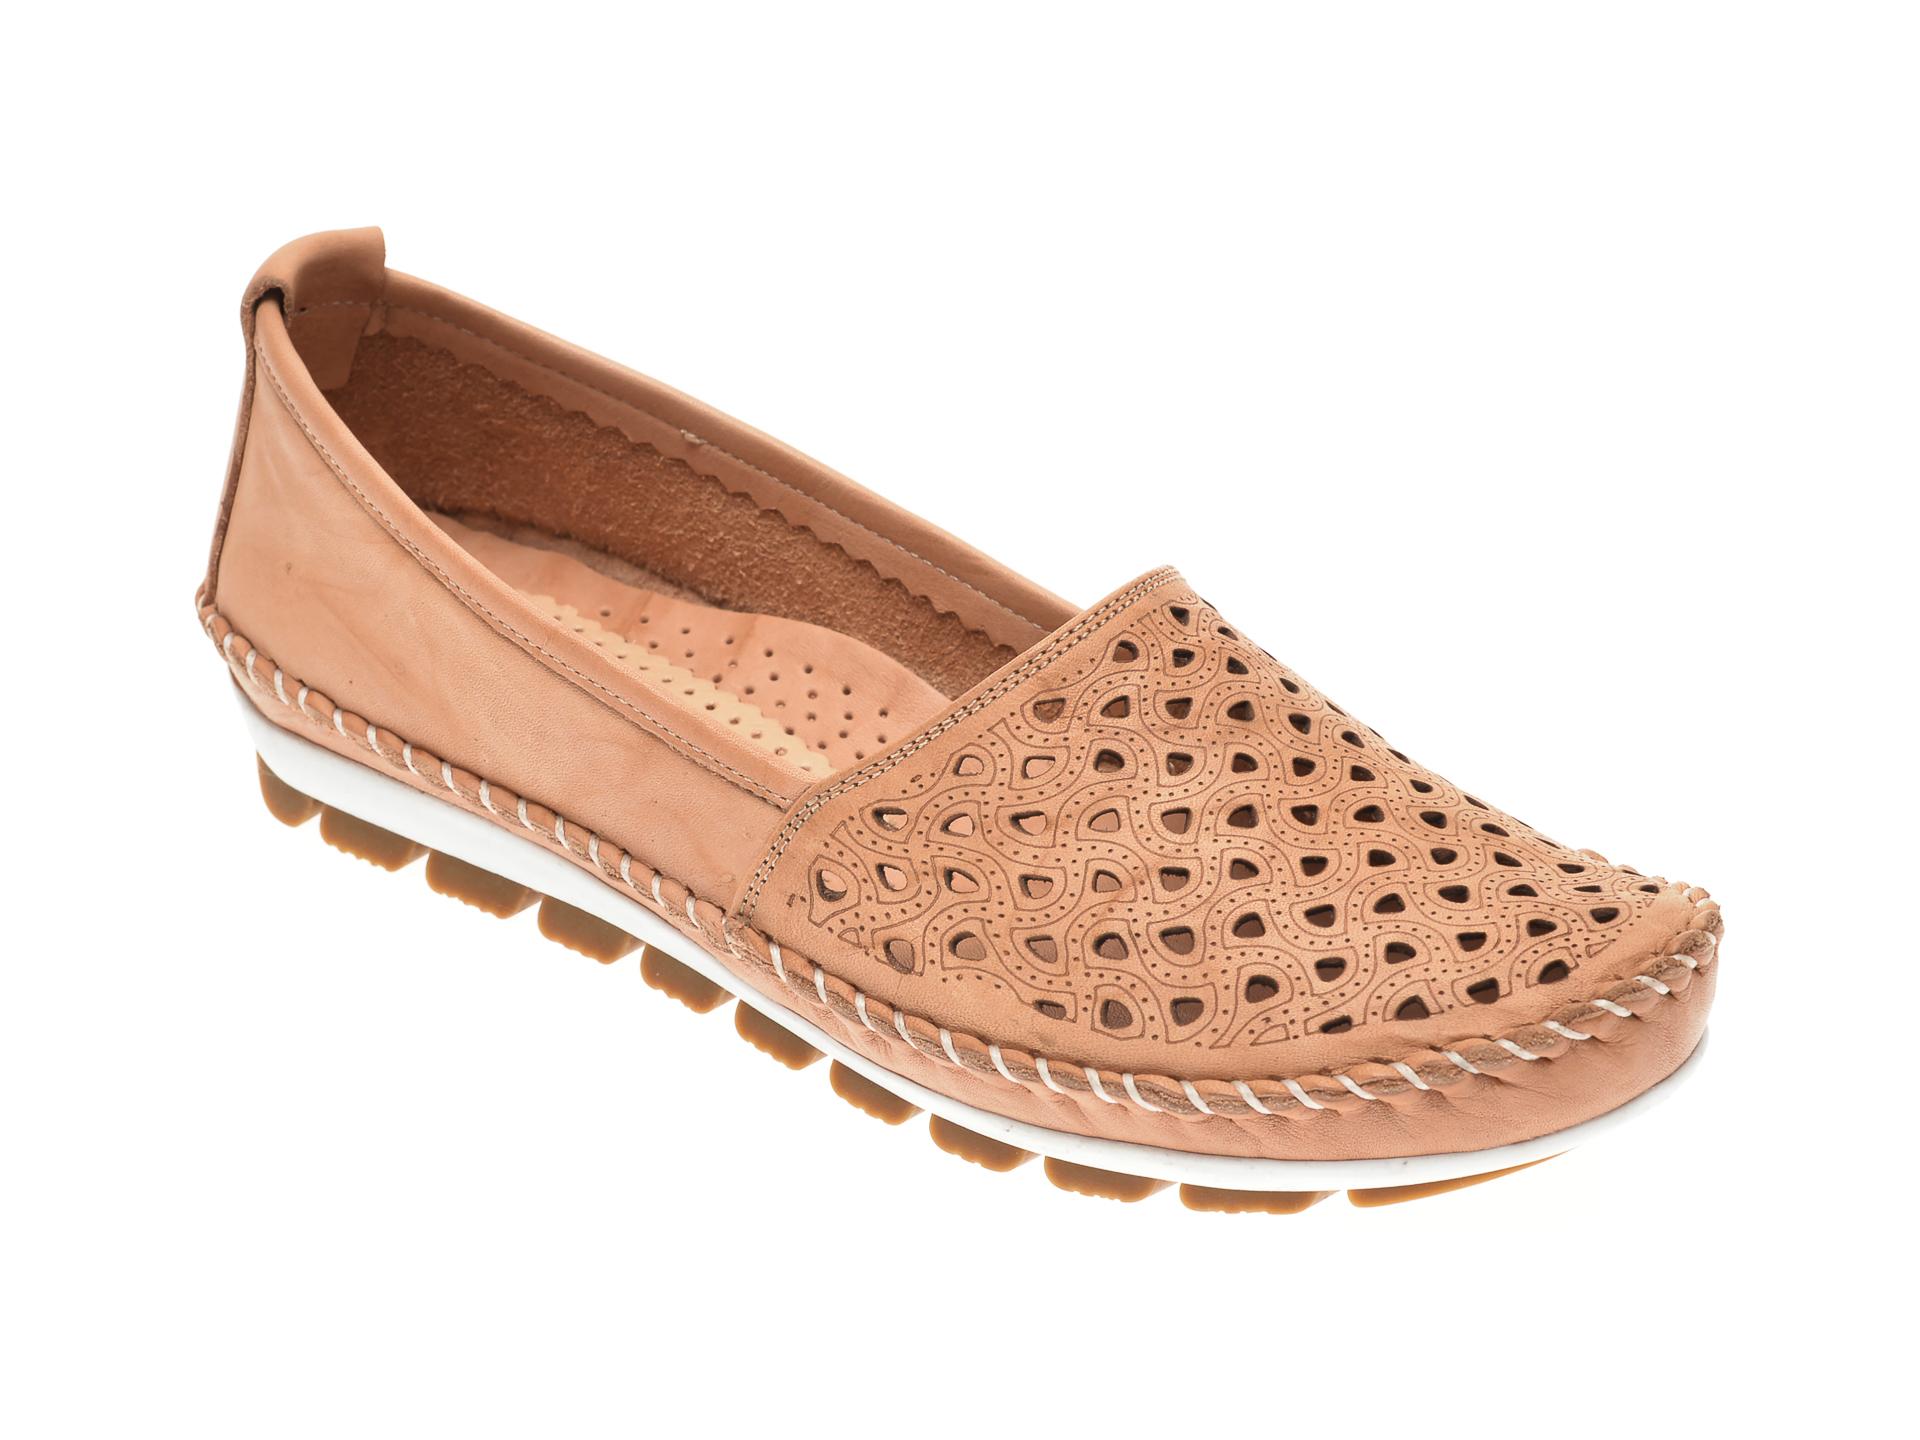 Pantofi MANLISA bej, 128, din piele naturala